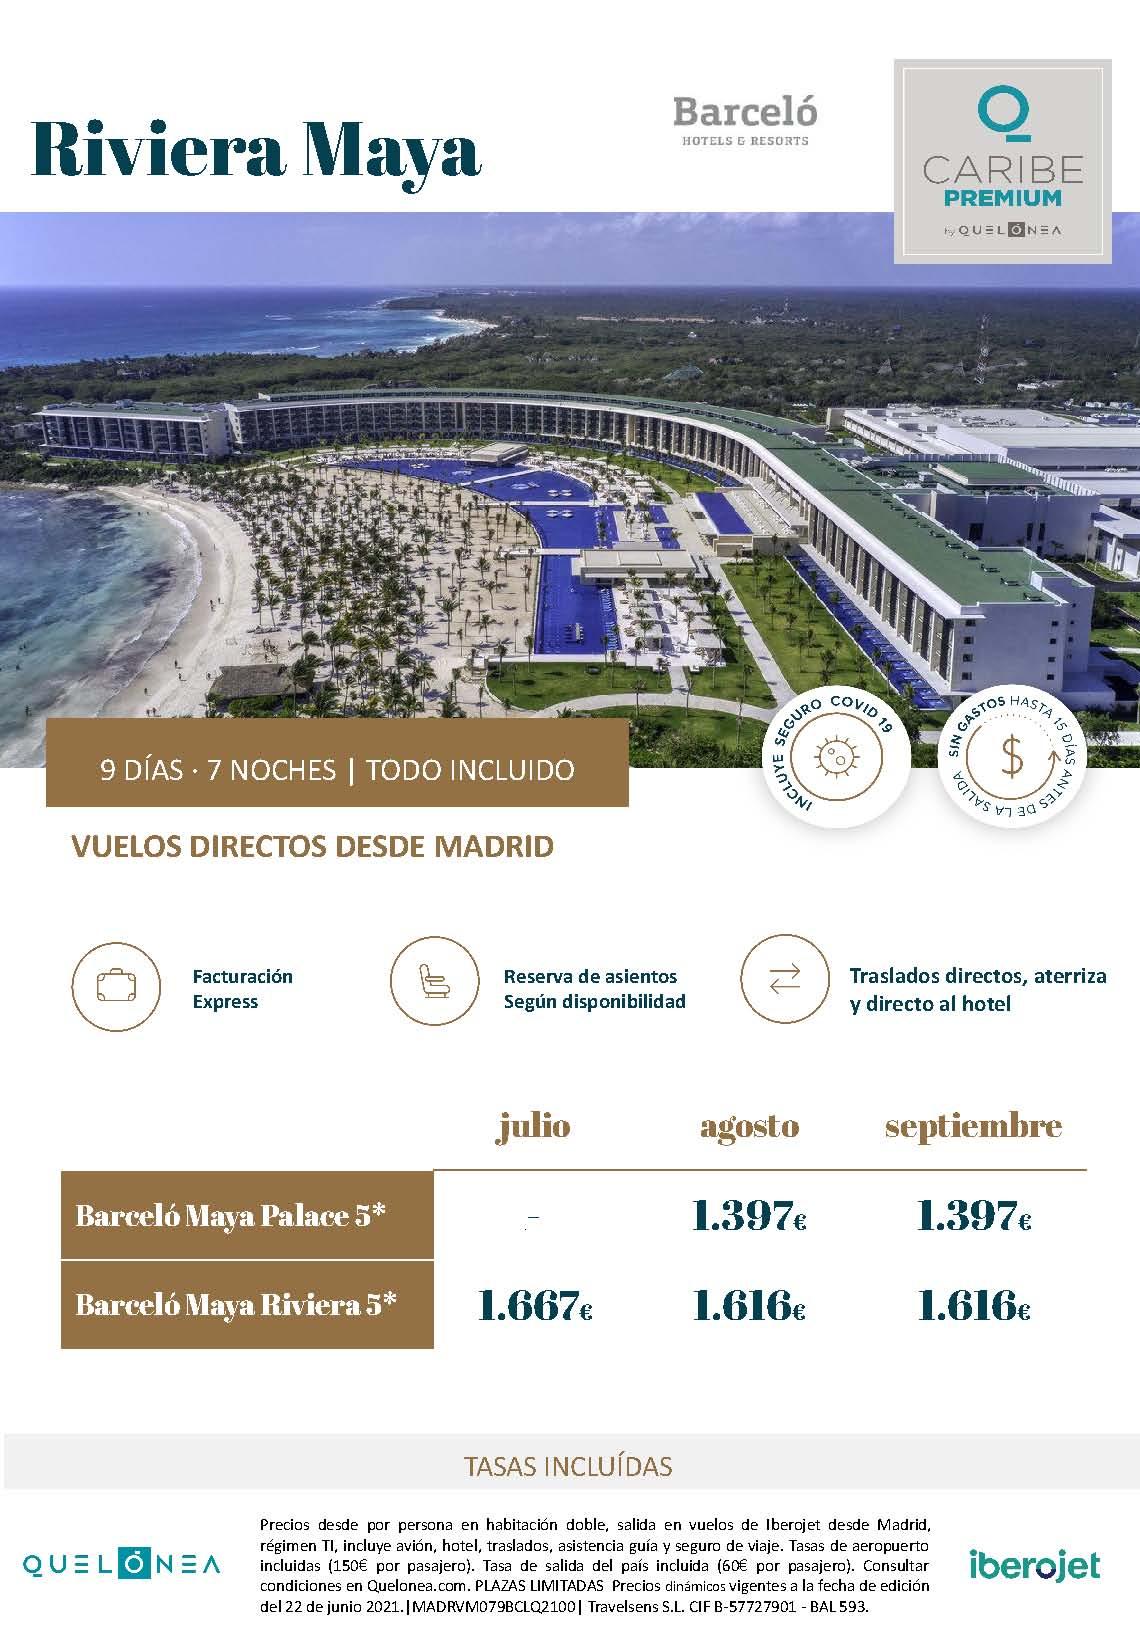 Ofertas Quelonea Caribe Premium Verano 2021 Riviera Maya hoteles Barcelo vuelo directo desde Madrid